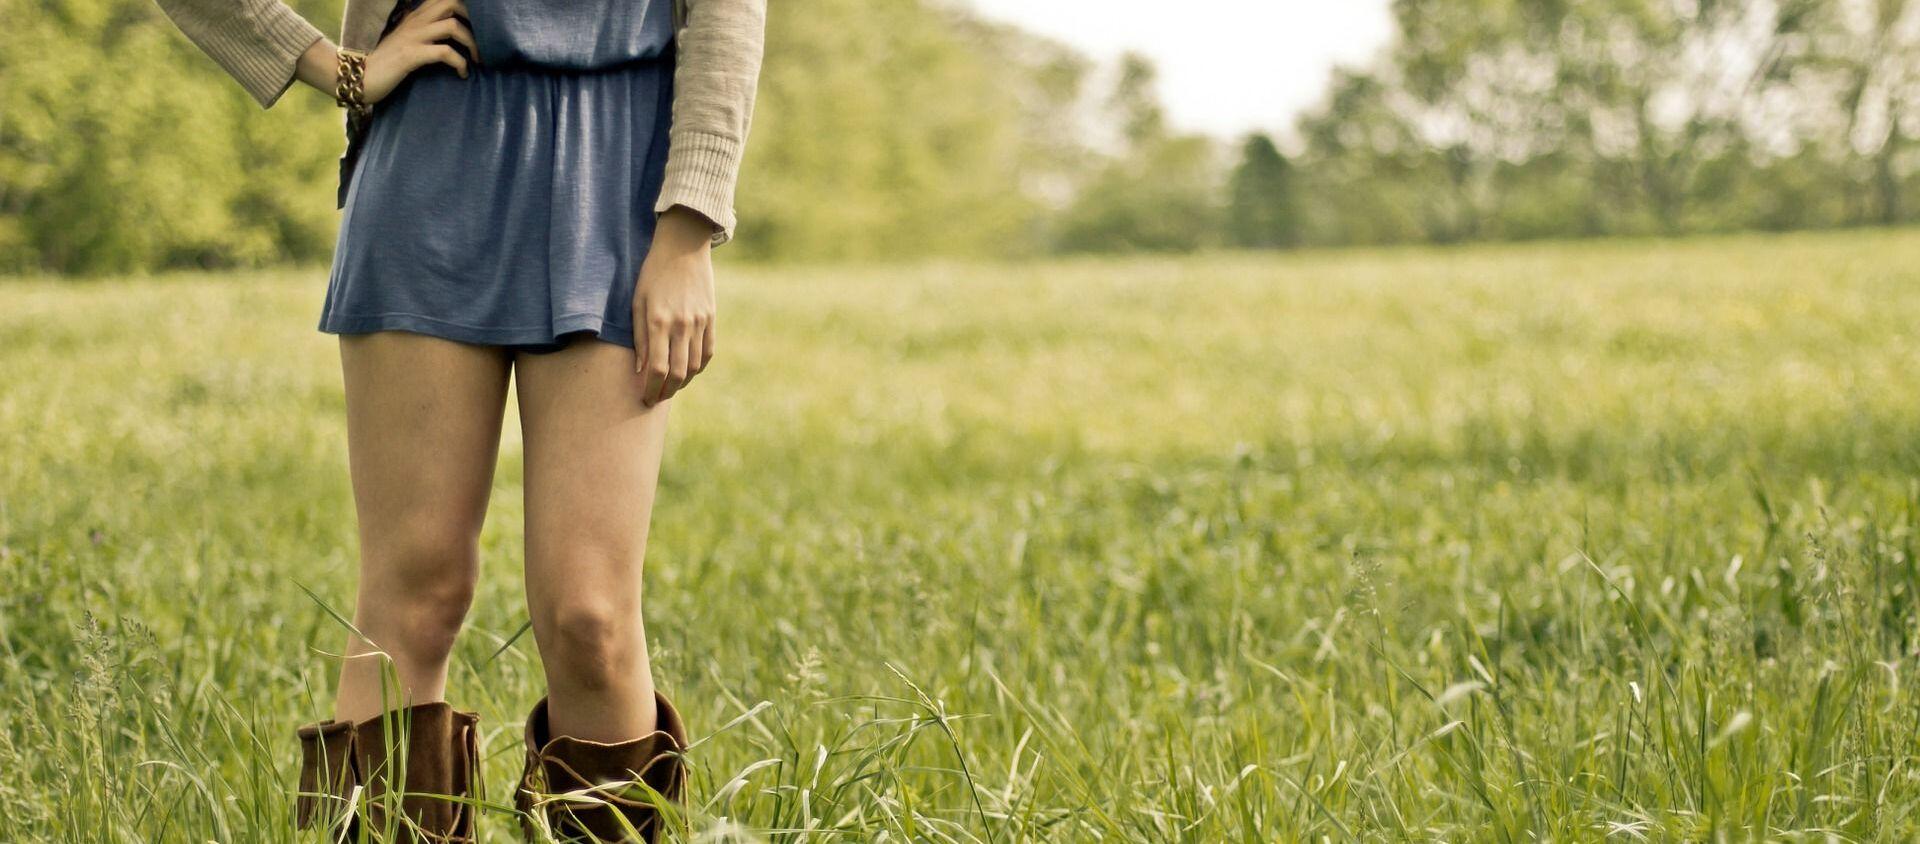 Imagen referencial de una chica vestida con falda - Sputnik Mundo, 1920, 06.11.2020